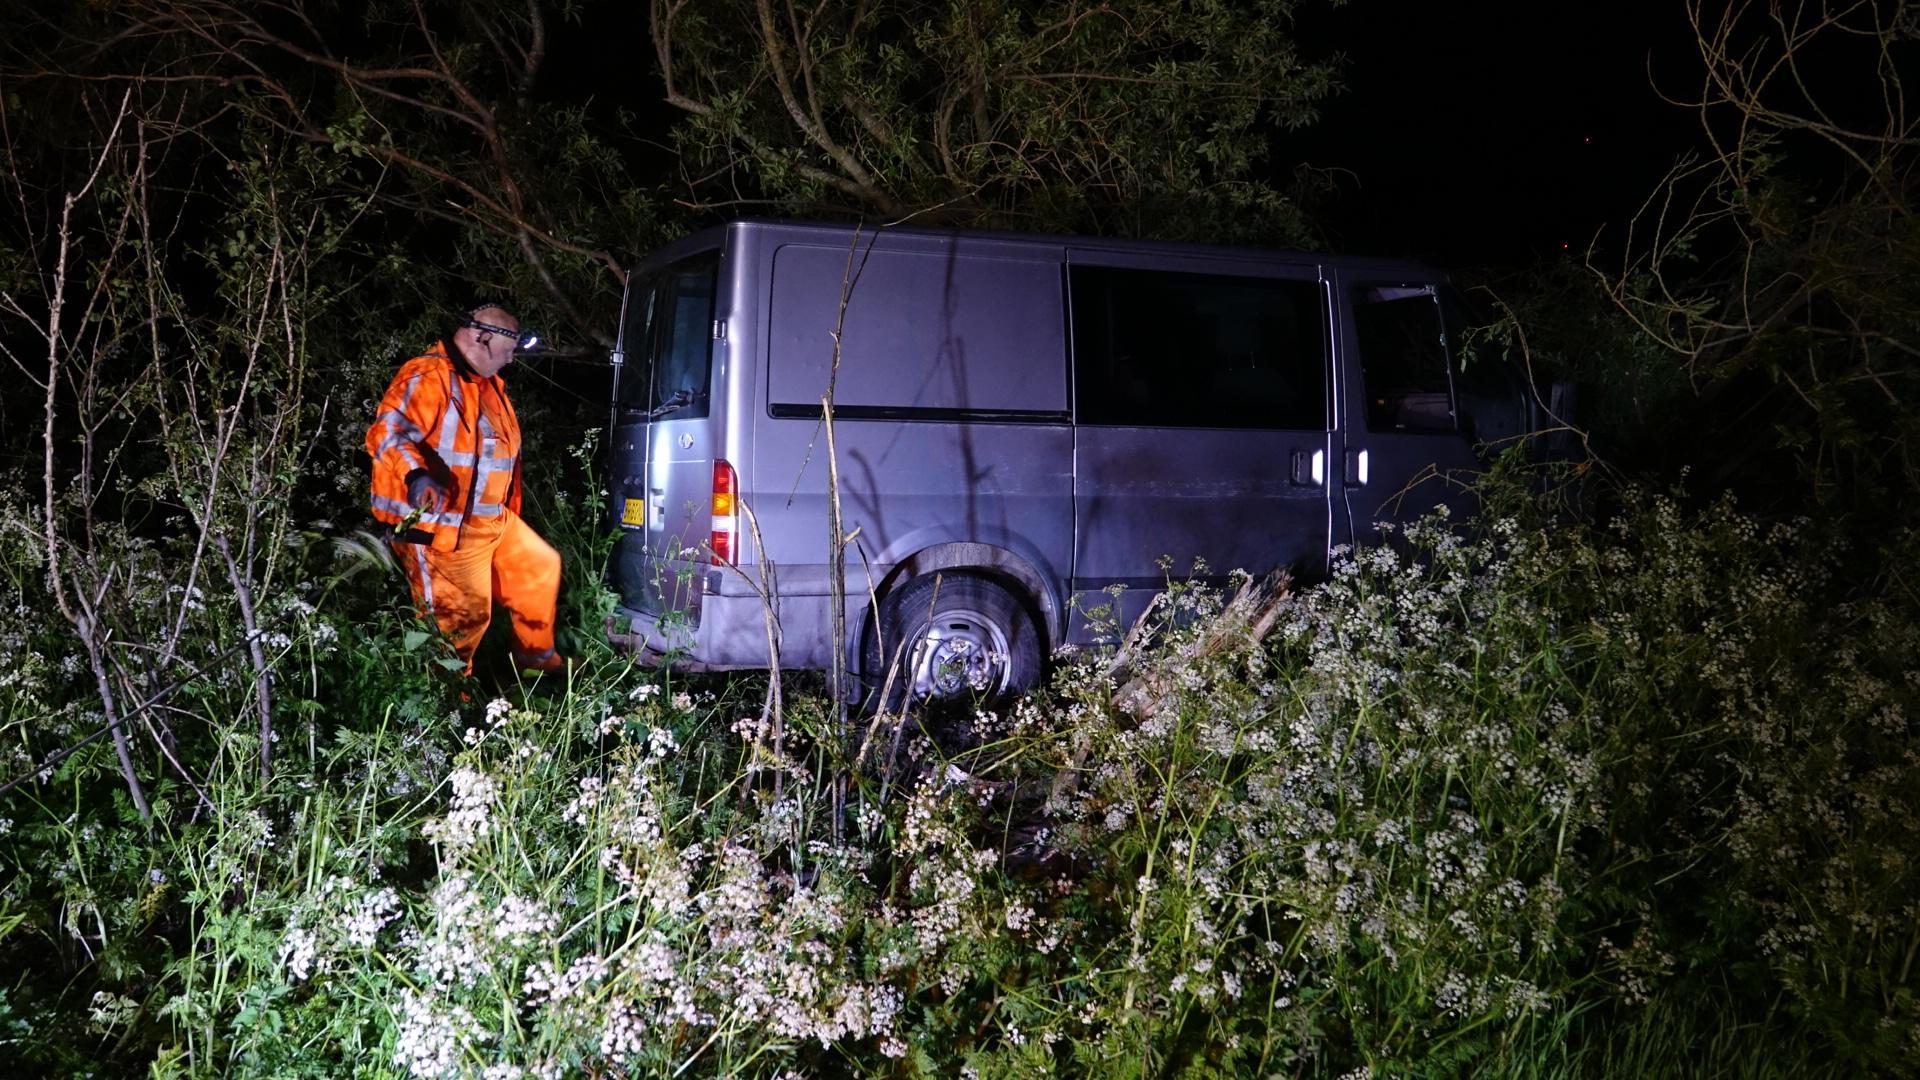 Bestelbusje botst tegen boom in Slootdorp, bestuurder gevlogen